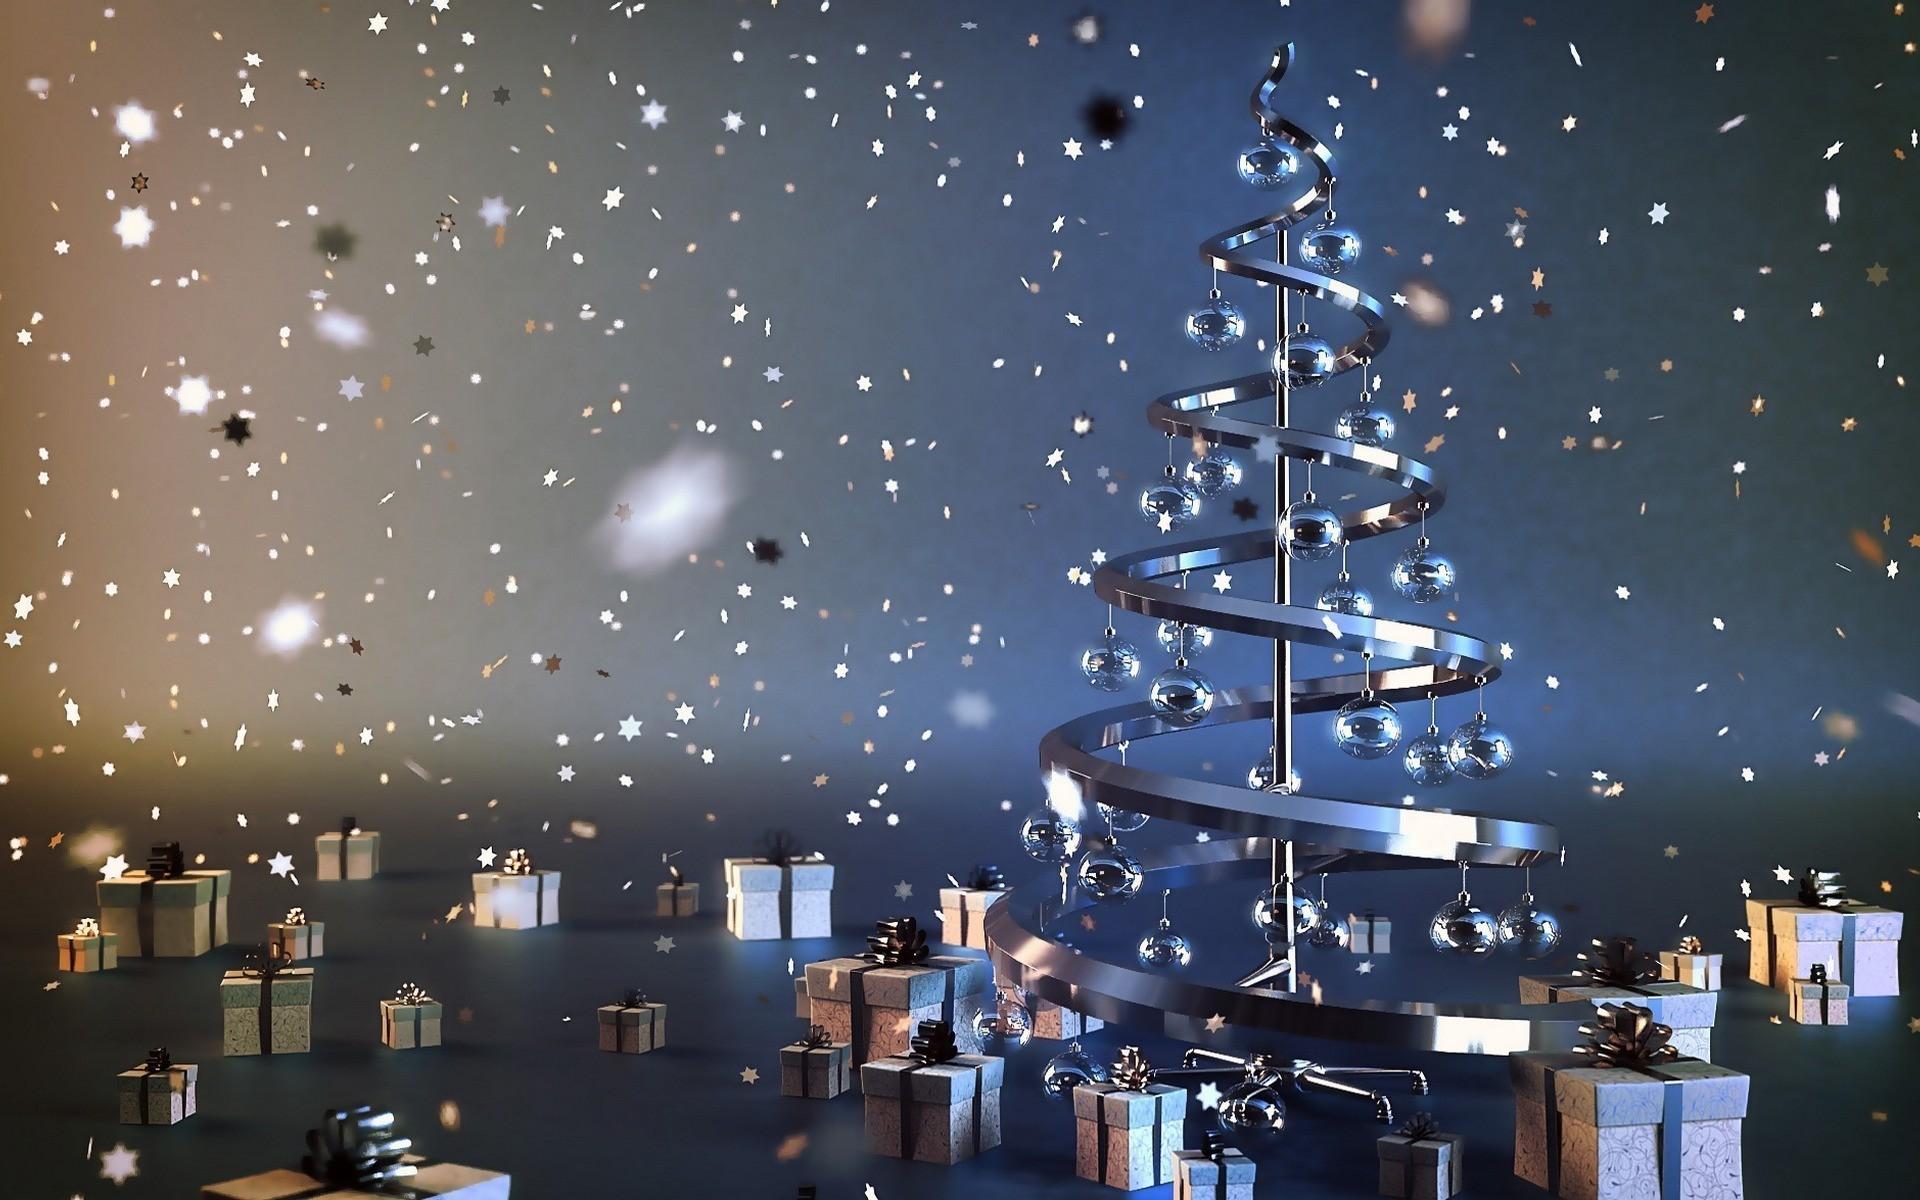 Nol cadeaux de fte nouvel an neige Papier peint 1920x1200